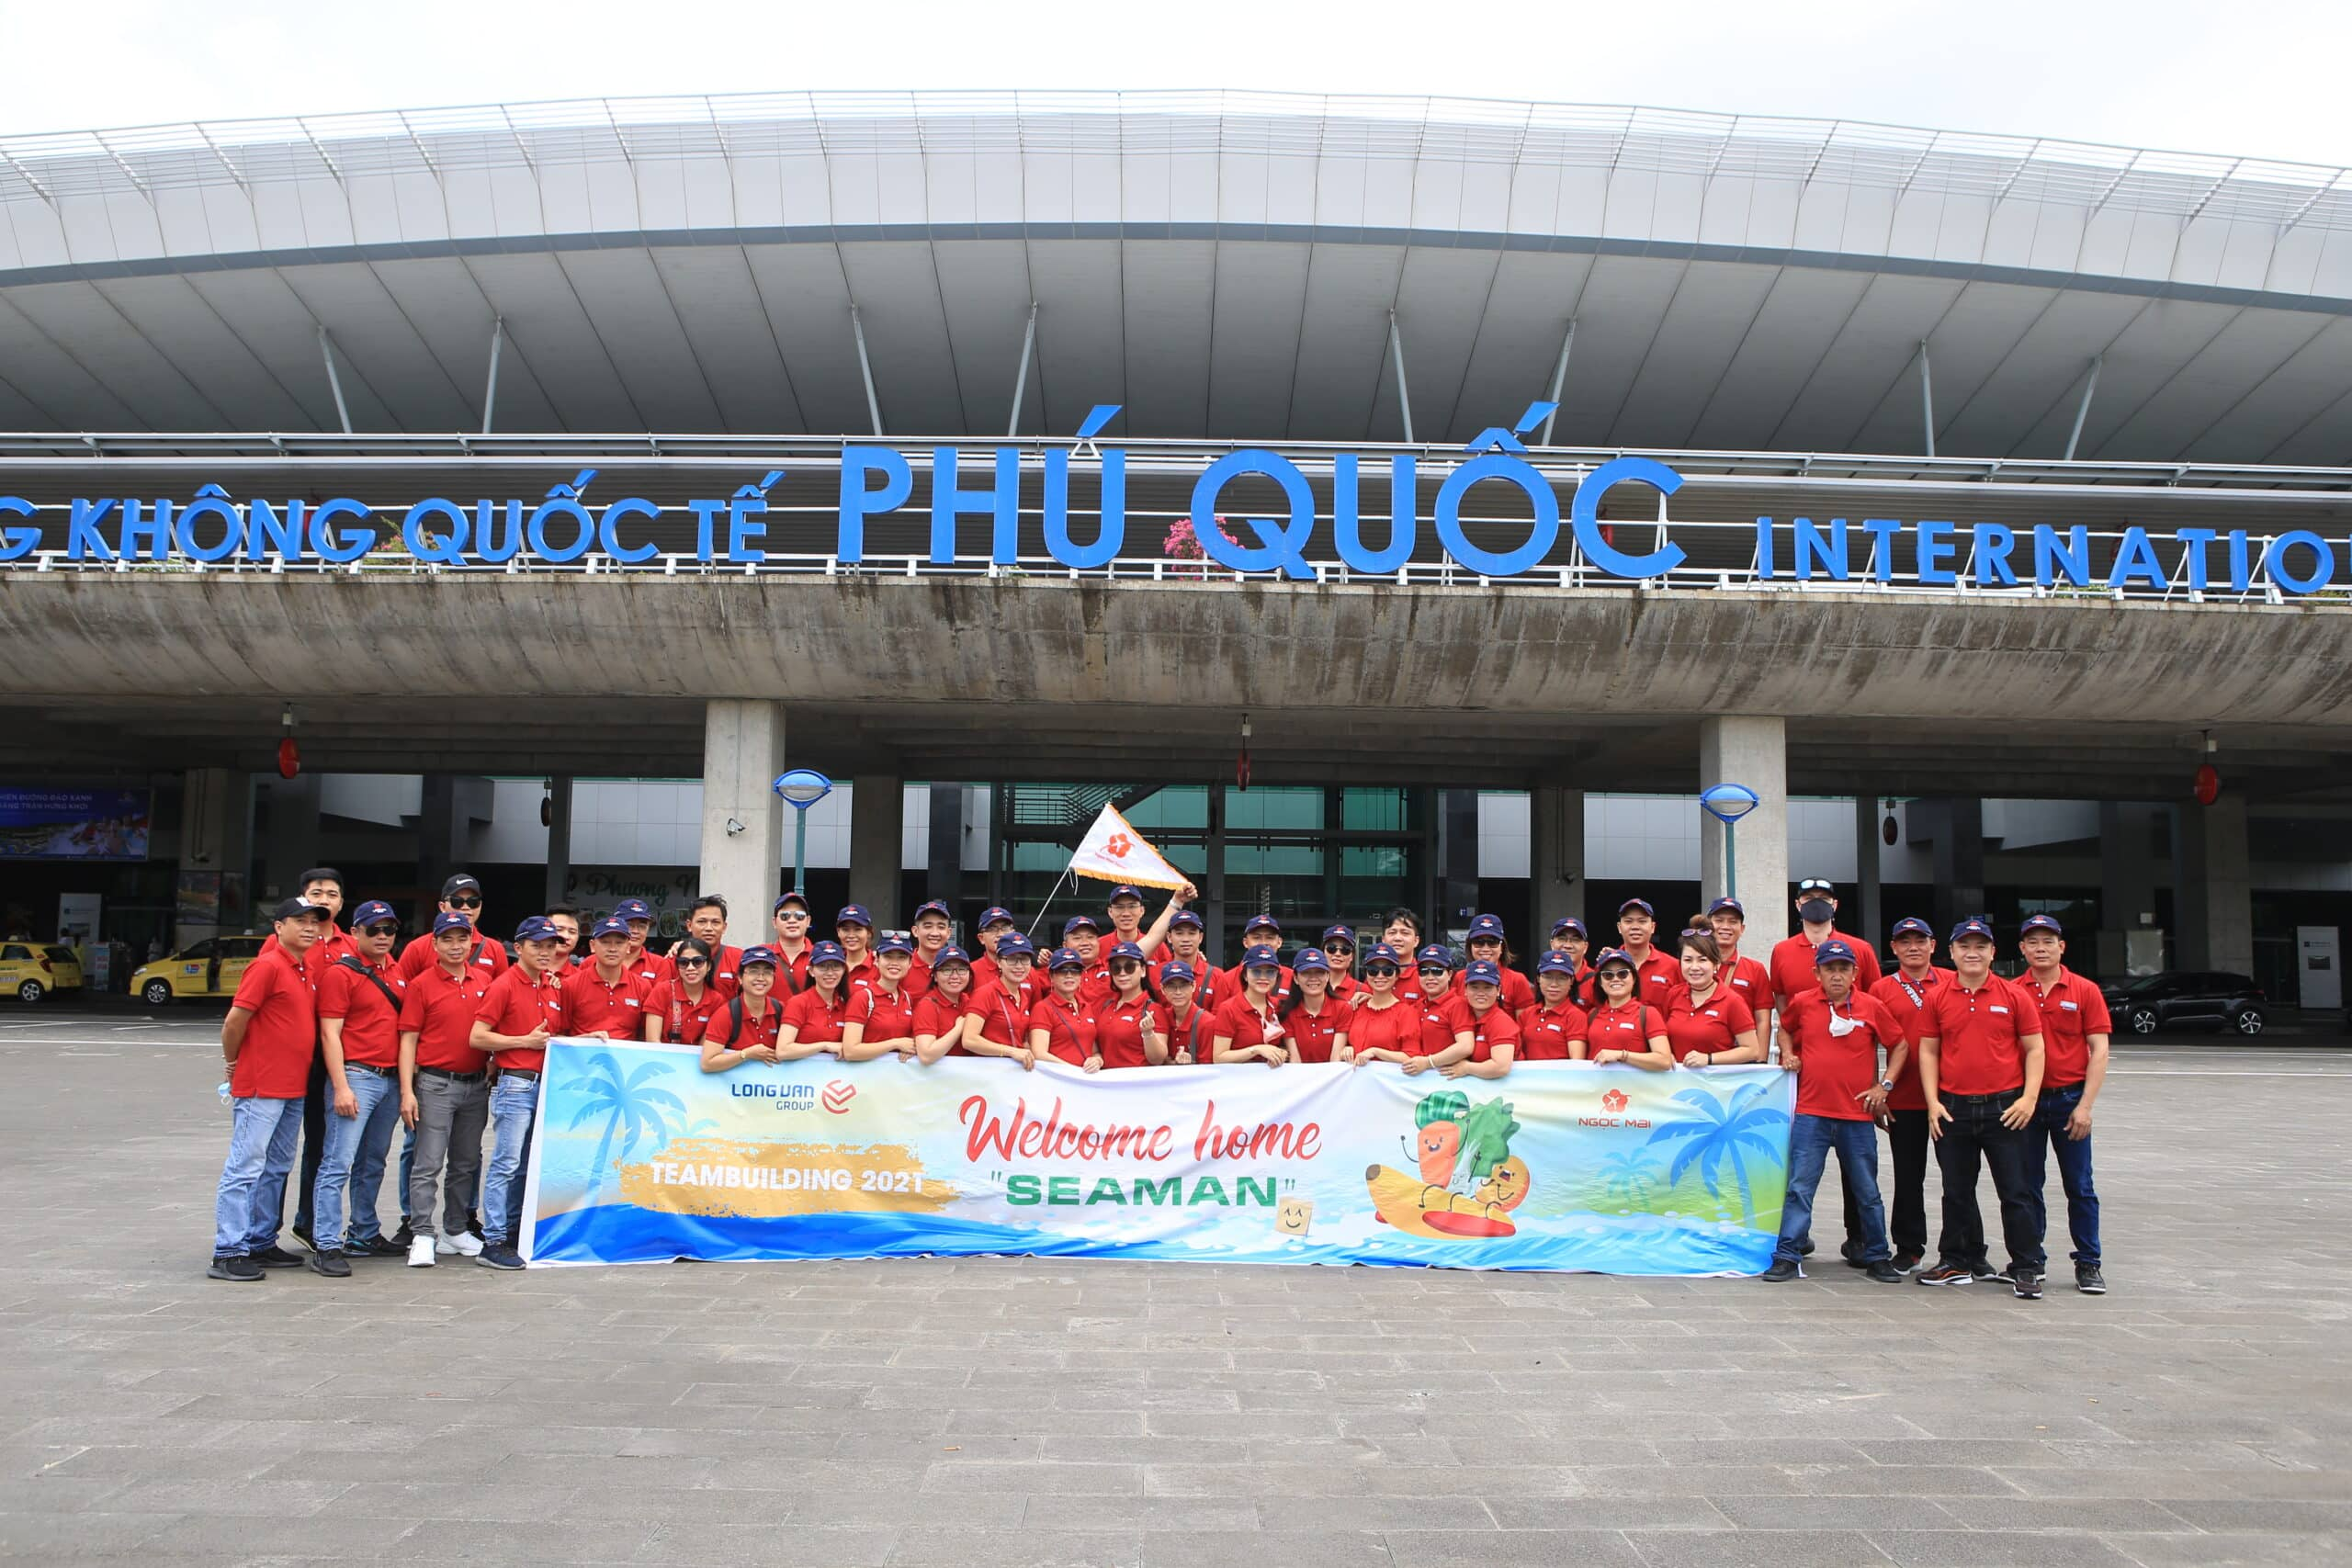 Đoàn Long Vân check-in tại cảng hàng không quốc tế Phú Quốc với tông màu mùa hè vui nhộn